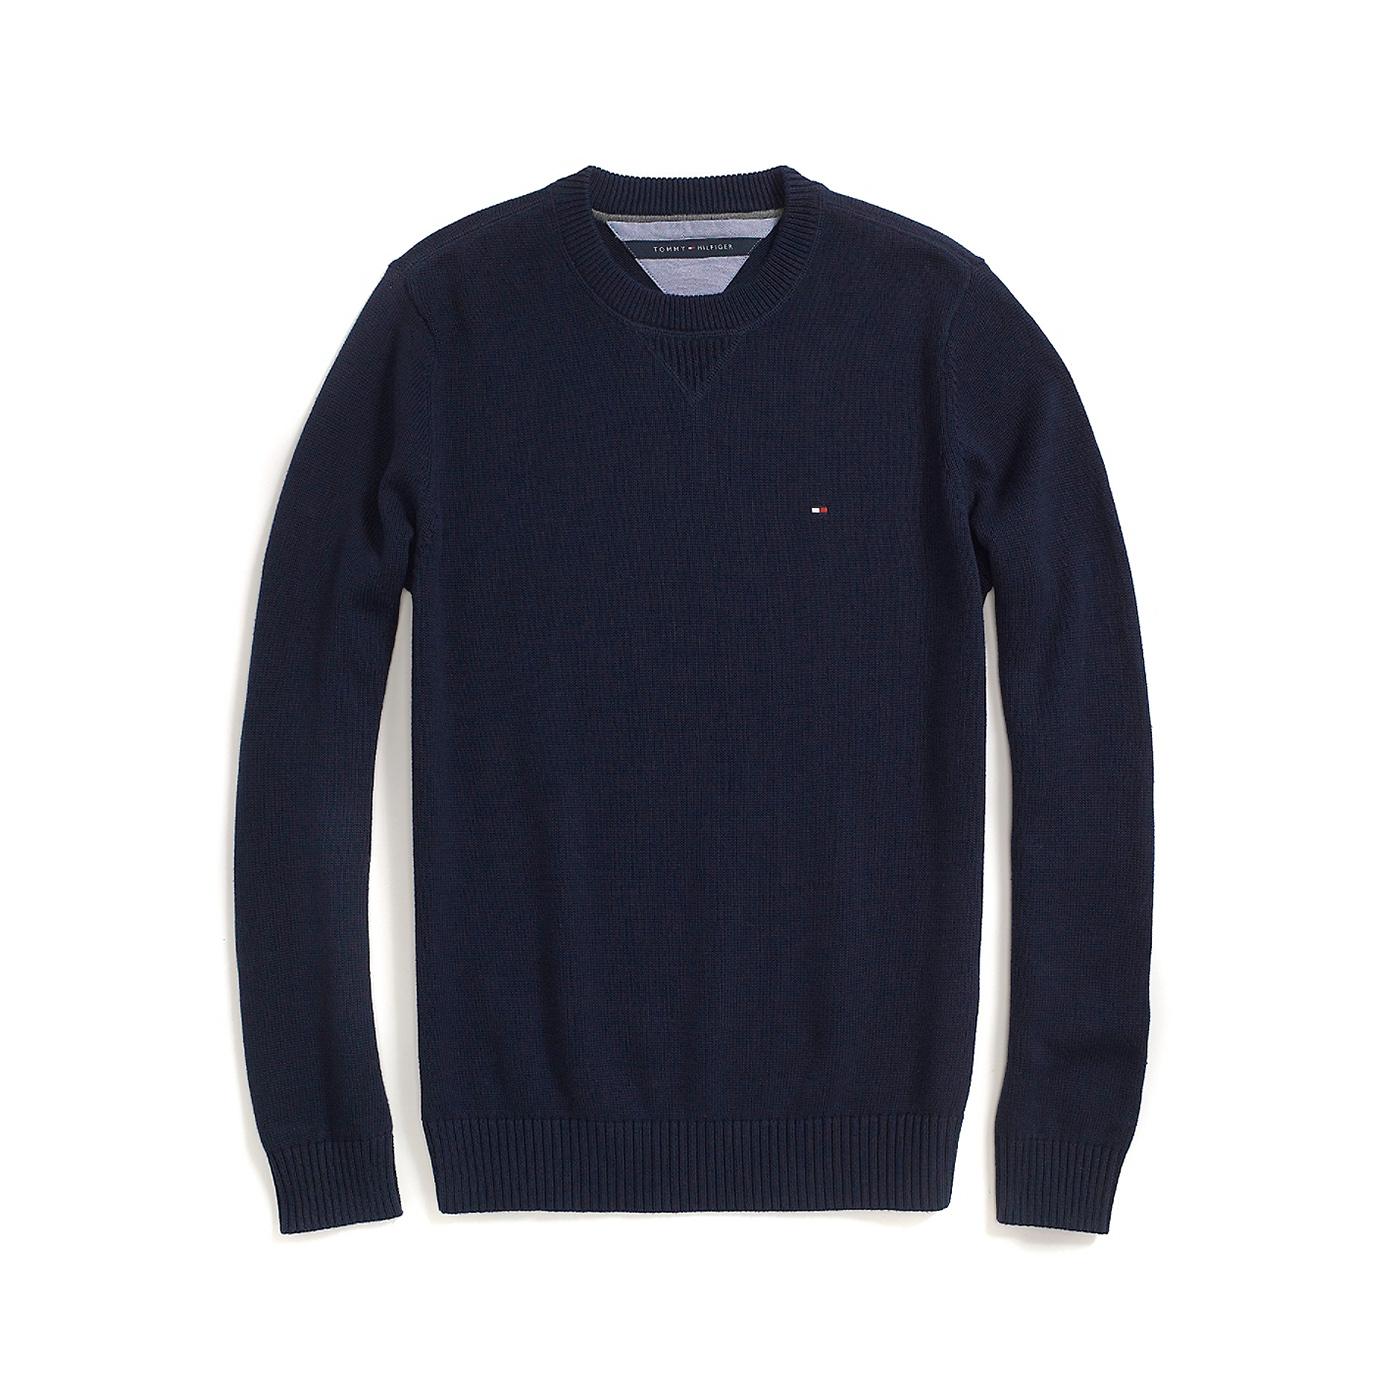 美國百分百【Tommy Hilfiger】針織衫 TH 線衫 毛衣 素面 圓領 休閒 厚版 深藍色 S M號 F609